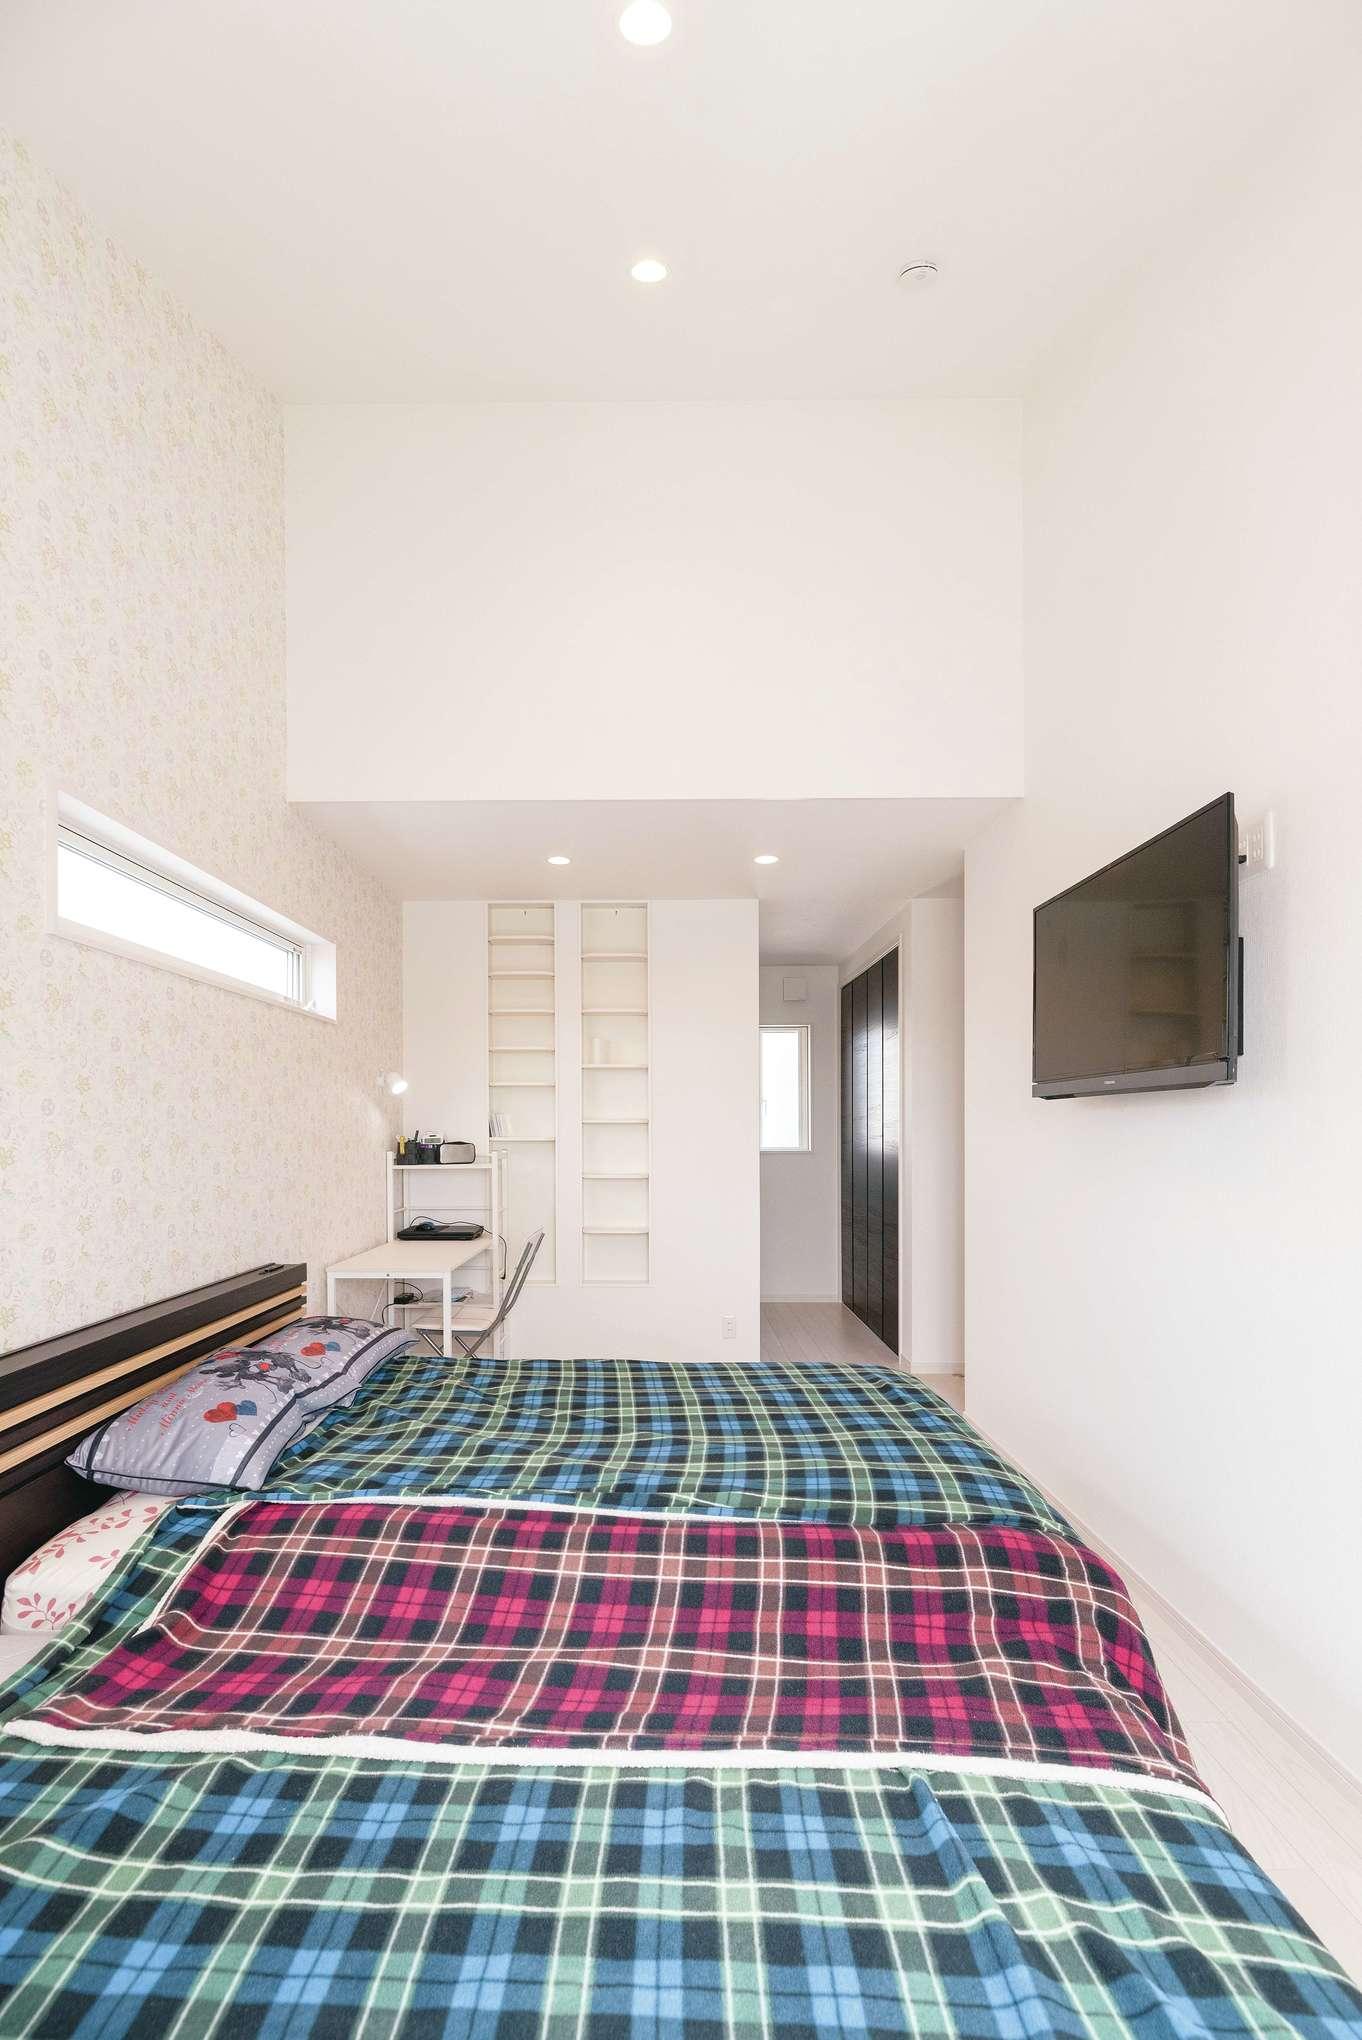 R+house沼津・伊東(HOUSE PLAN)【子育て、収納力、間取り】ウォークインクローゼットとご主人のデスクがある主寝室は、勾配天井で空間にゆとりを生み出した